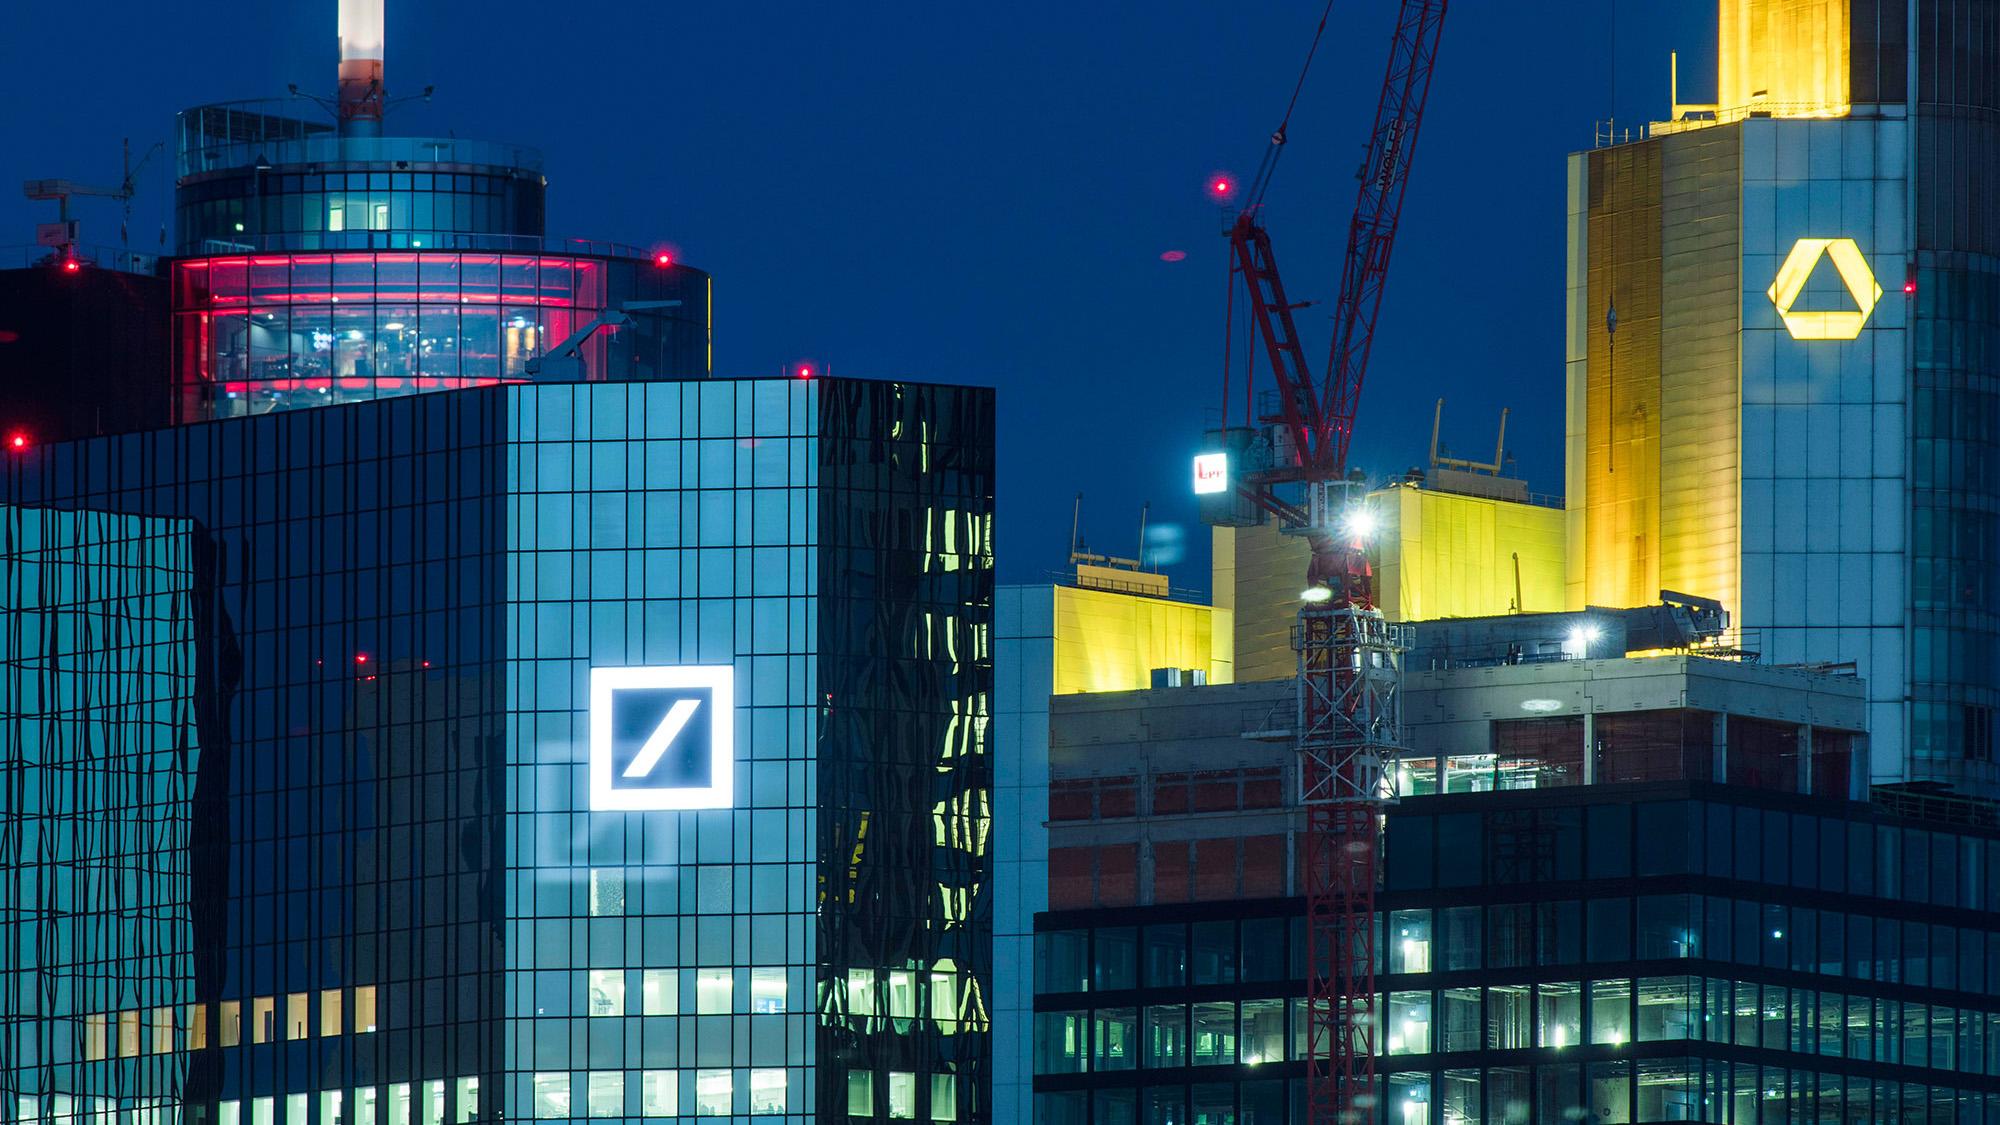 Cerberus loses on big deutsche bank bet handheld dutch betting calculator on sale